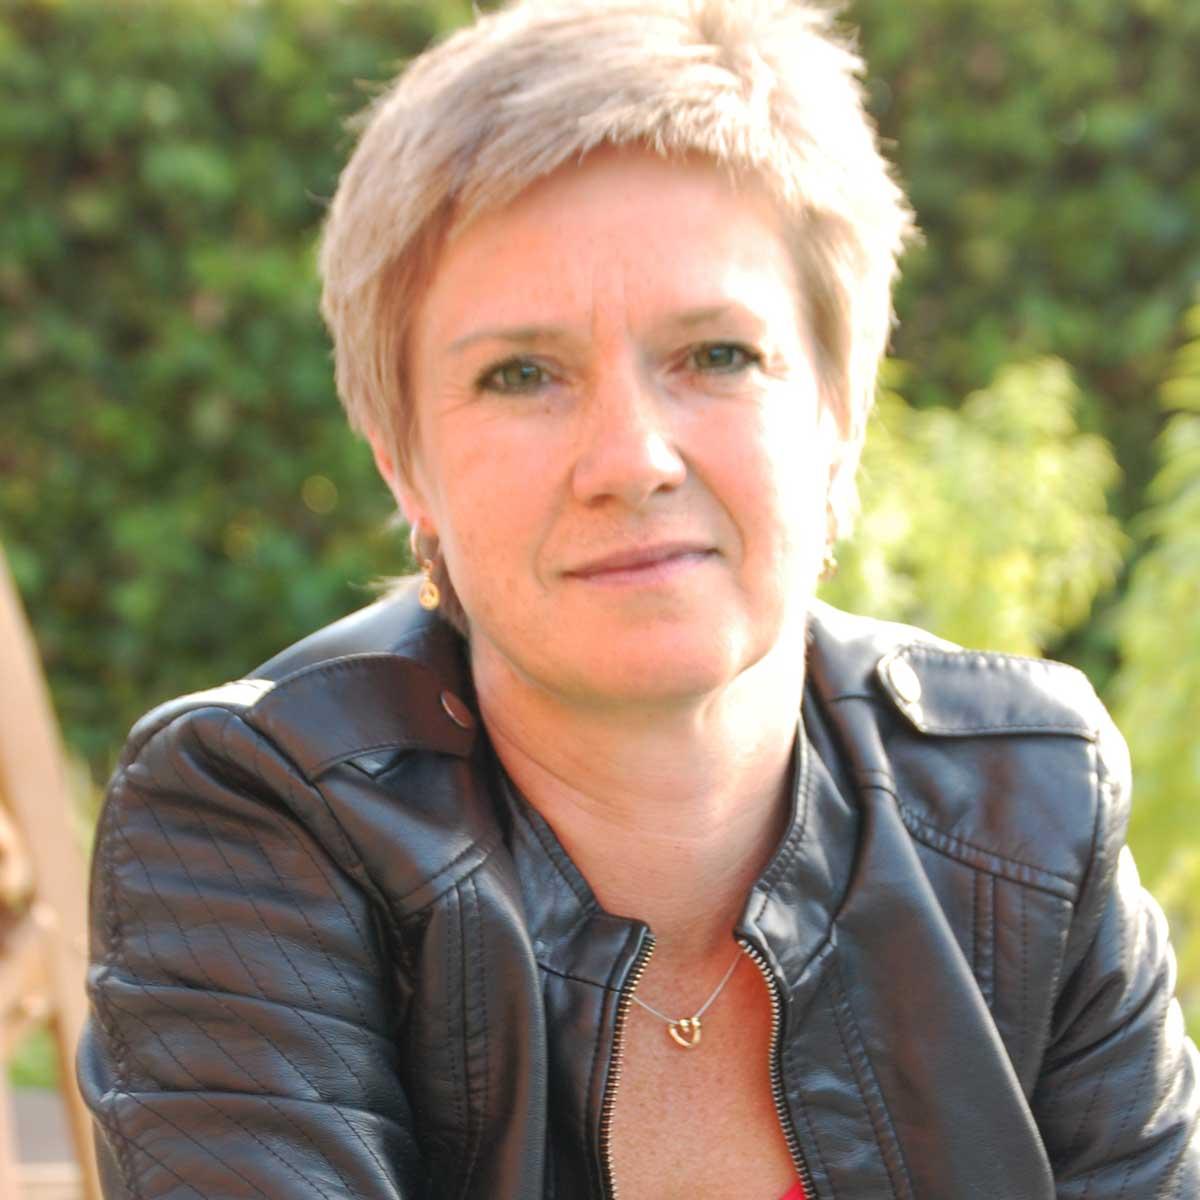 Anne Olsen, regnskab for virksomhed, bogføring, hjælp til firmaregnskab, hjælp til regnskab i byggbranchen